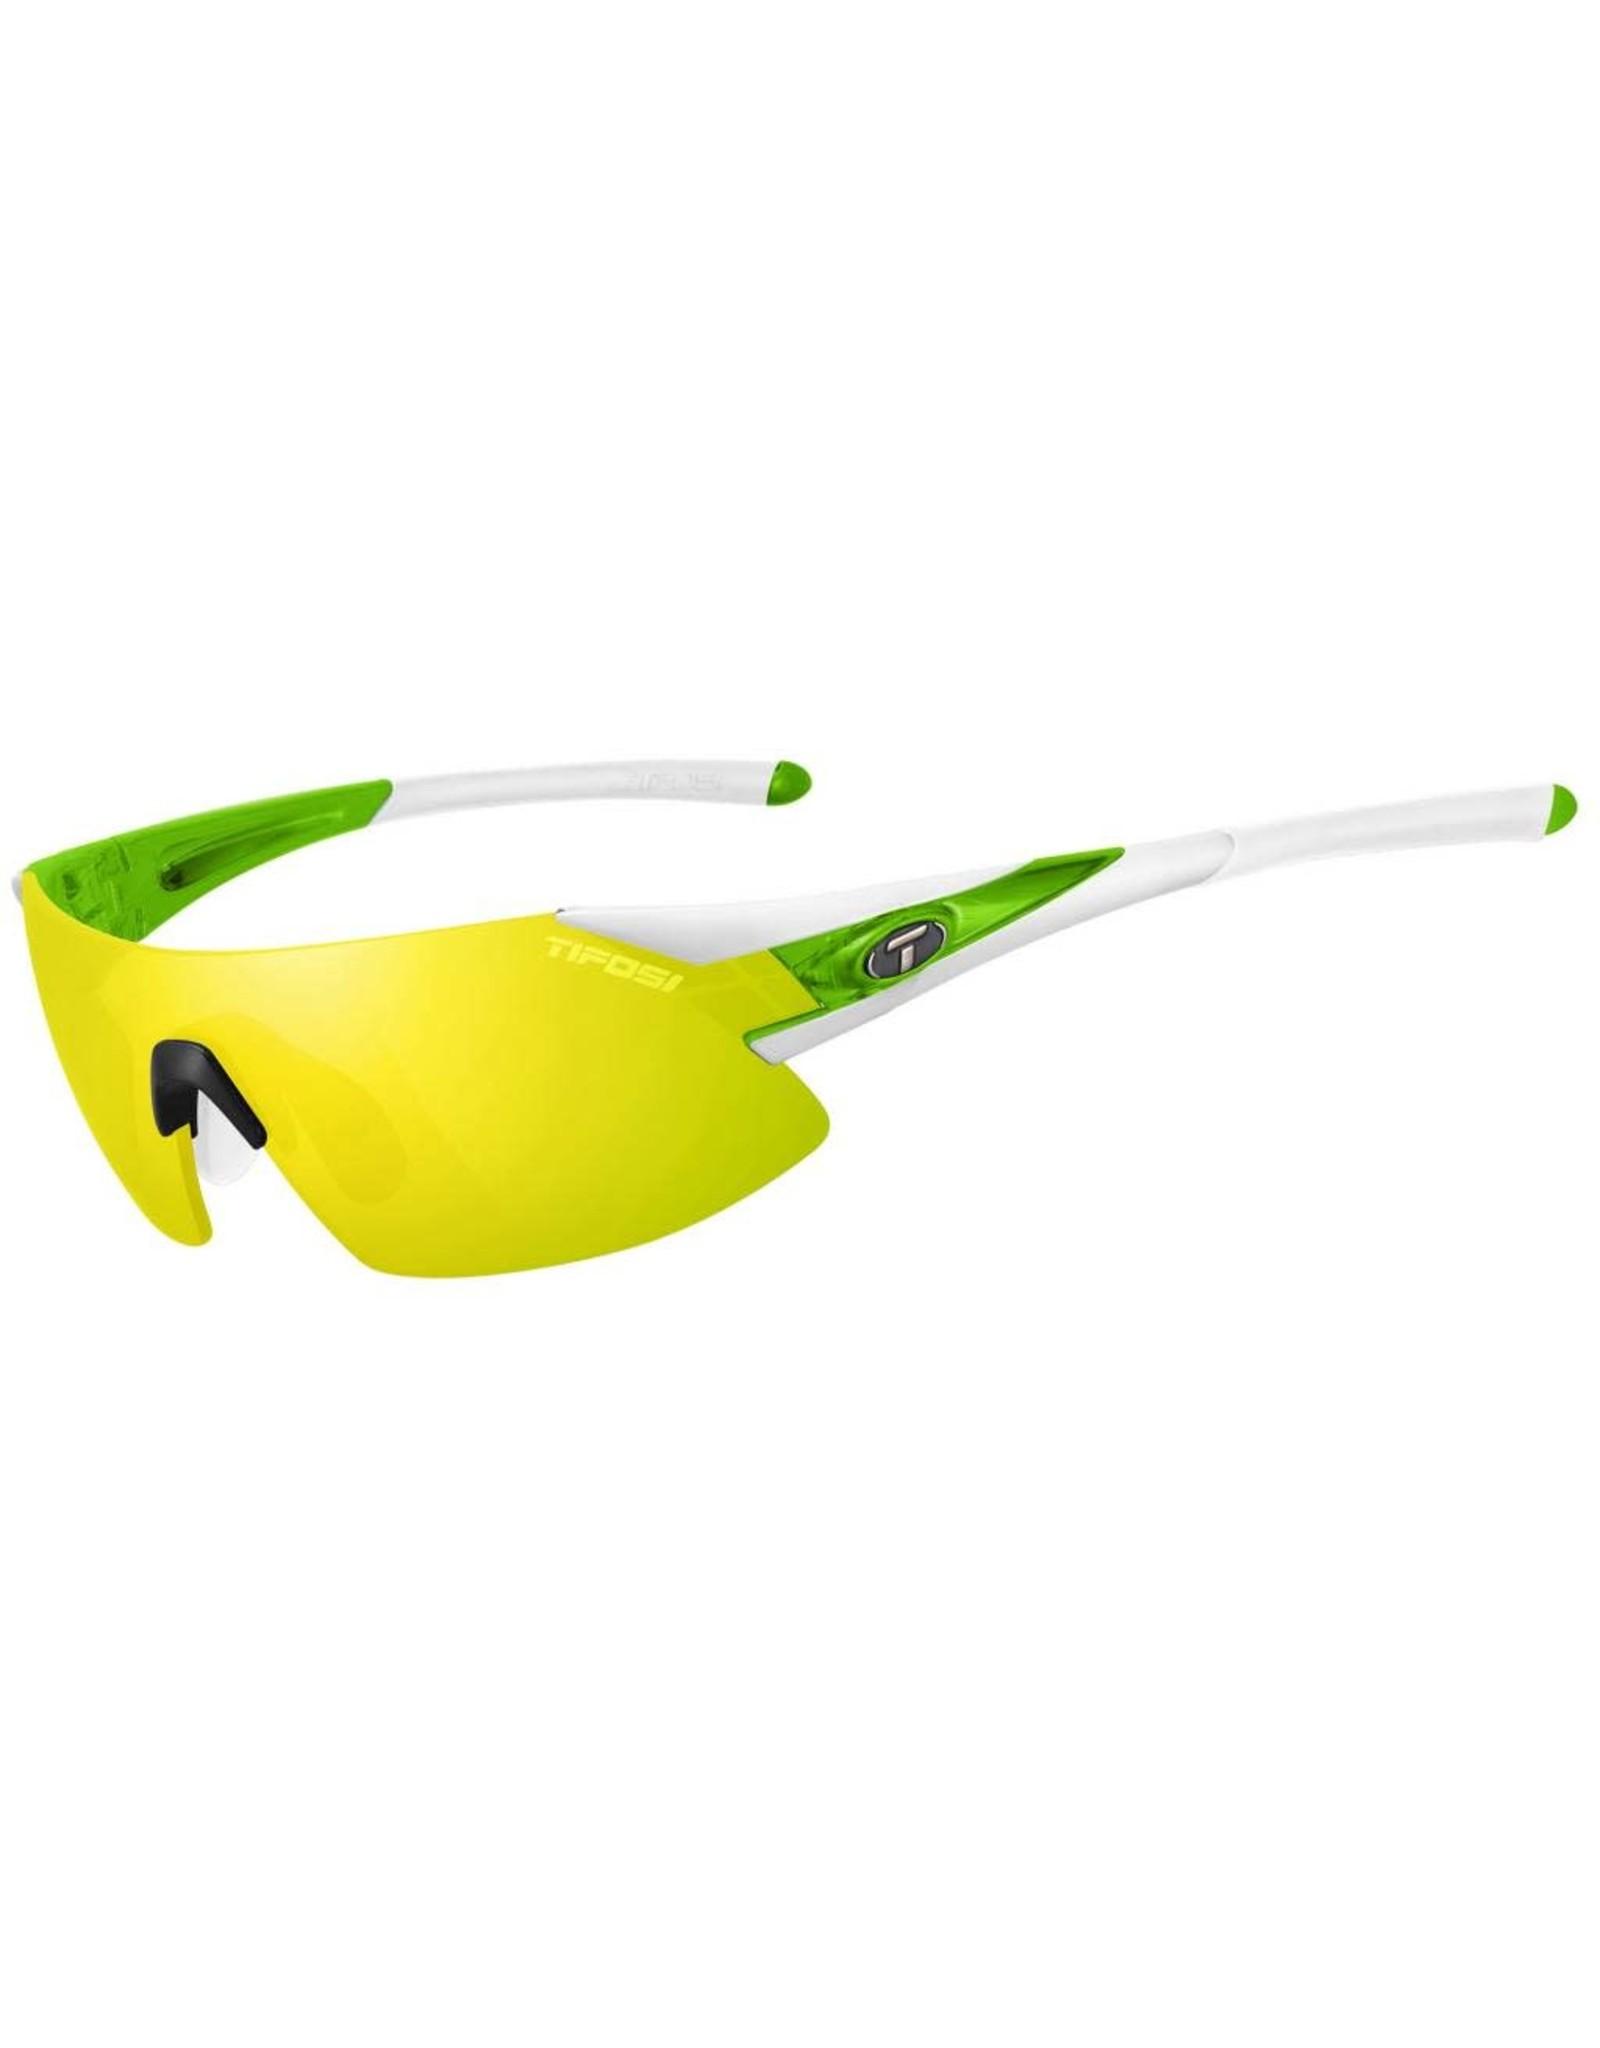 Tifosi Tifosi, Podium XC, Sunglasses, Frame: White/Green, Lenses: Clarion Yellow, AC Red, Clear